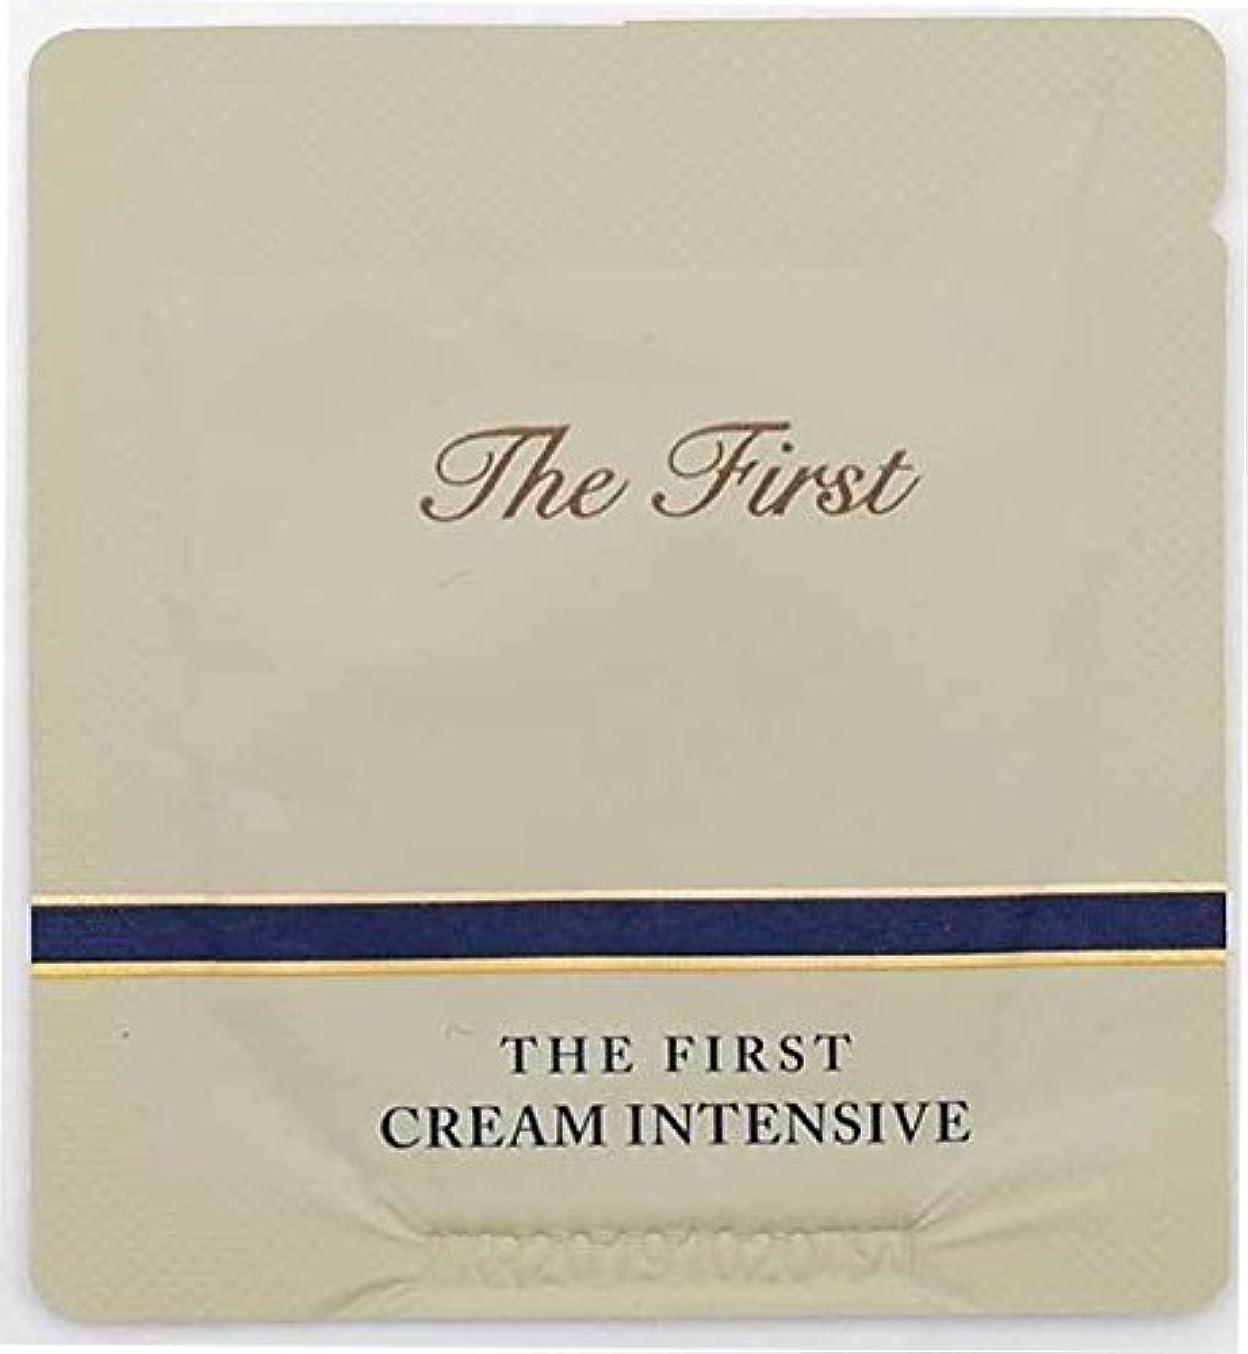 エゴイズム完了ペンフレンド[サンプル] OHUI The First Cream intensive 1ml × 30ea/オフィ ザ ファースト クリーム インテンシブ 1ml × 30個